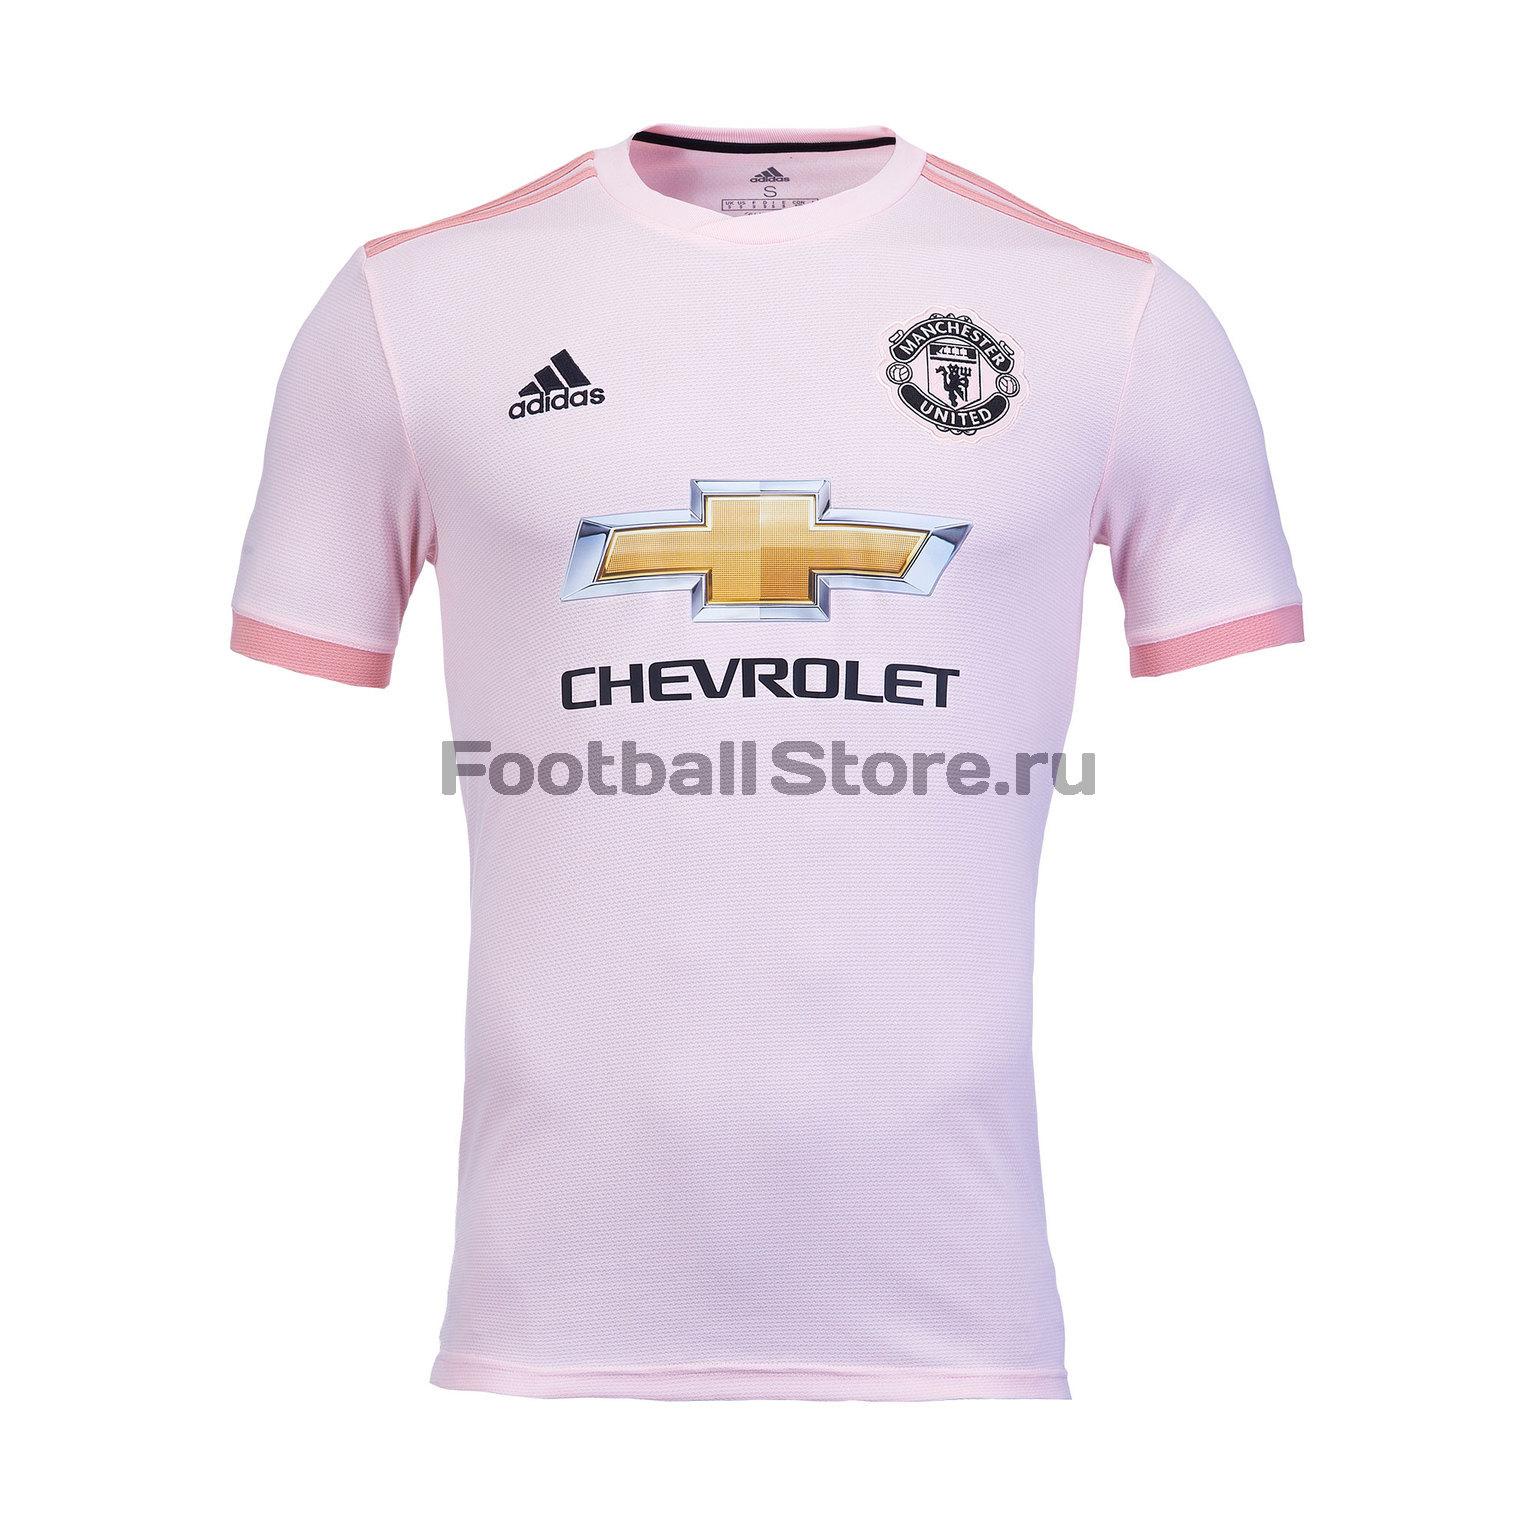 Футболка игровая выездная Adidas Manchester United 2018/19 гостевая книга xbase